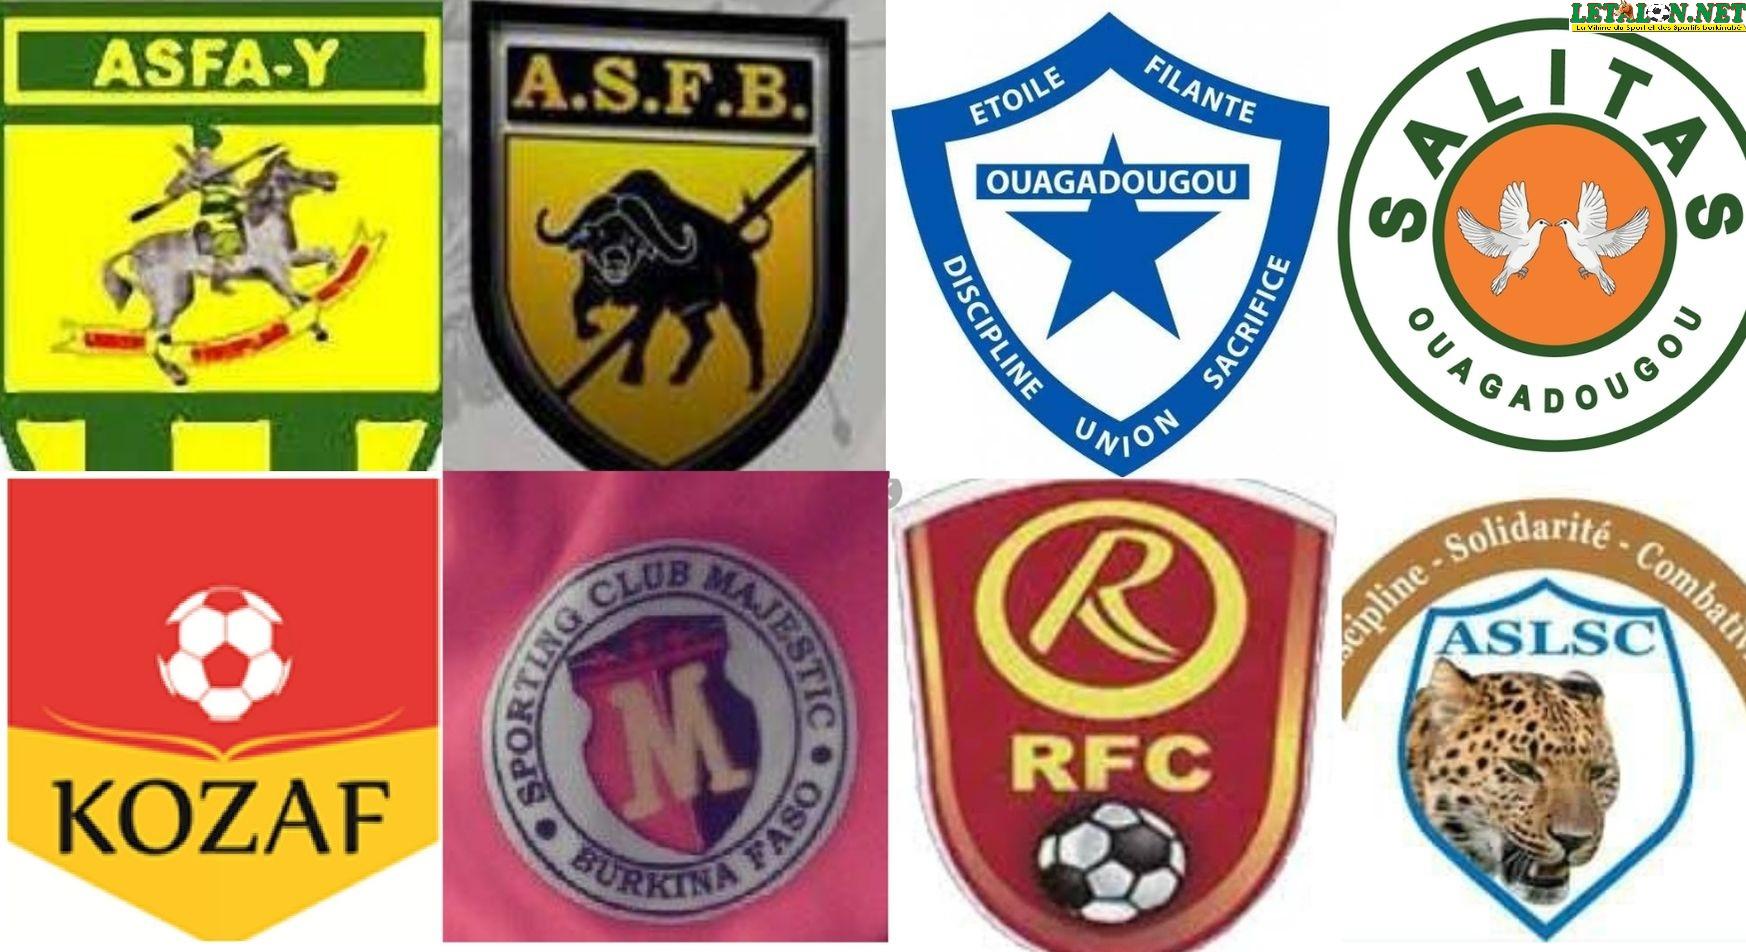 Fasofoot : 8 clubs menacent de boycotter la saison 2020-2021